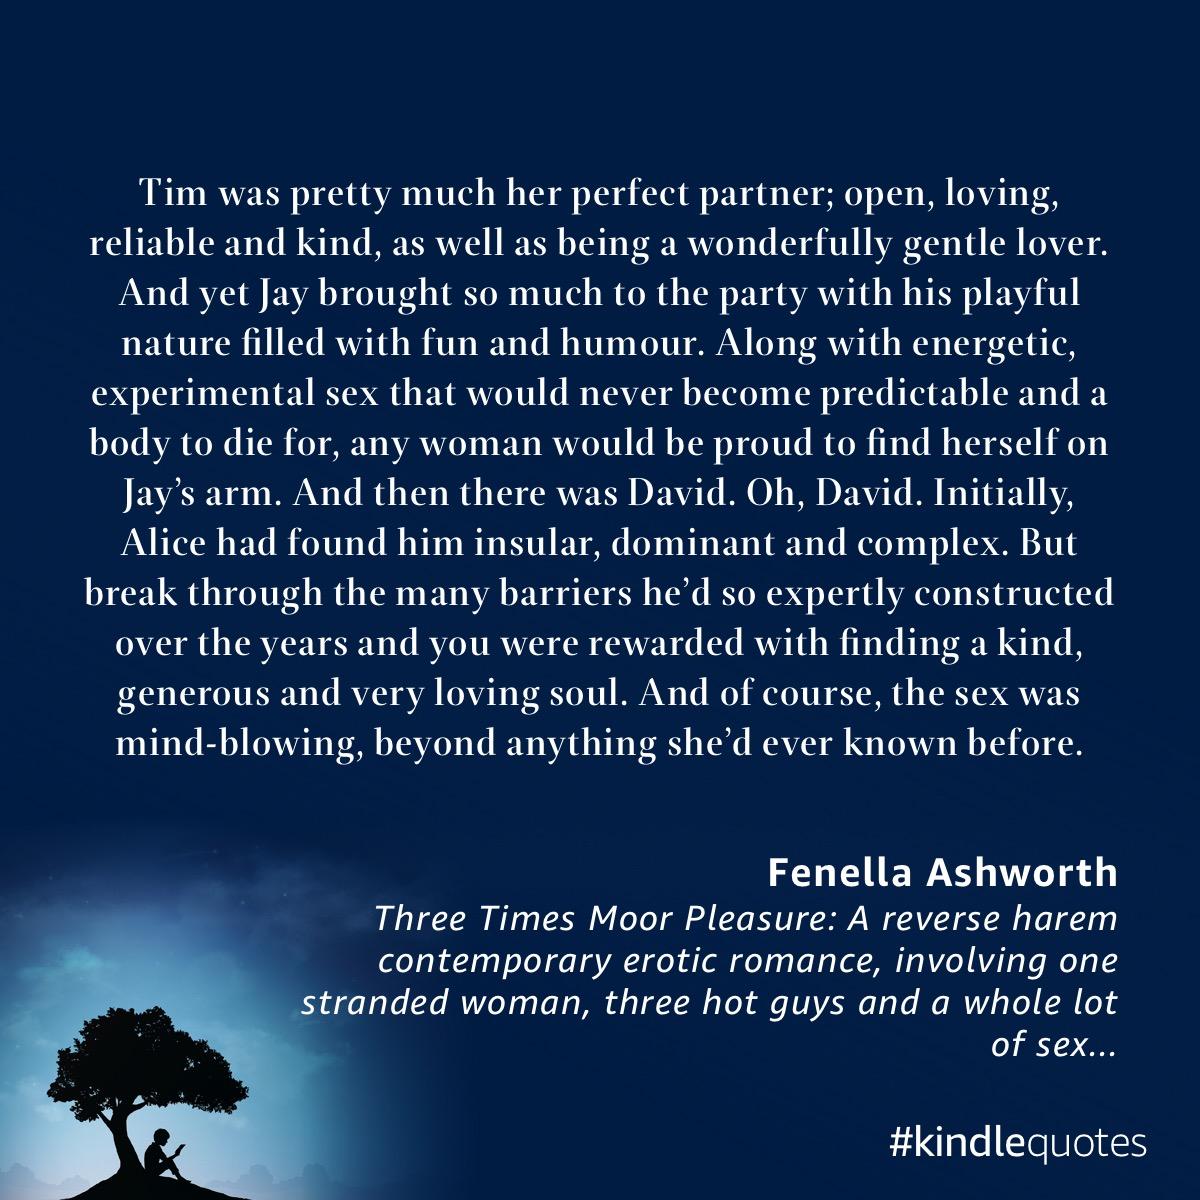 Book quote Fenella Ashworth